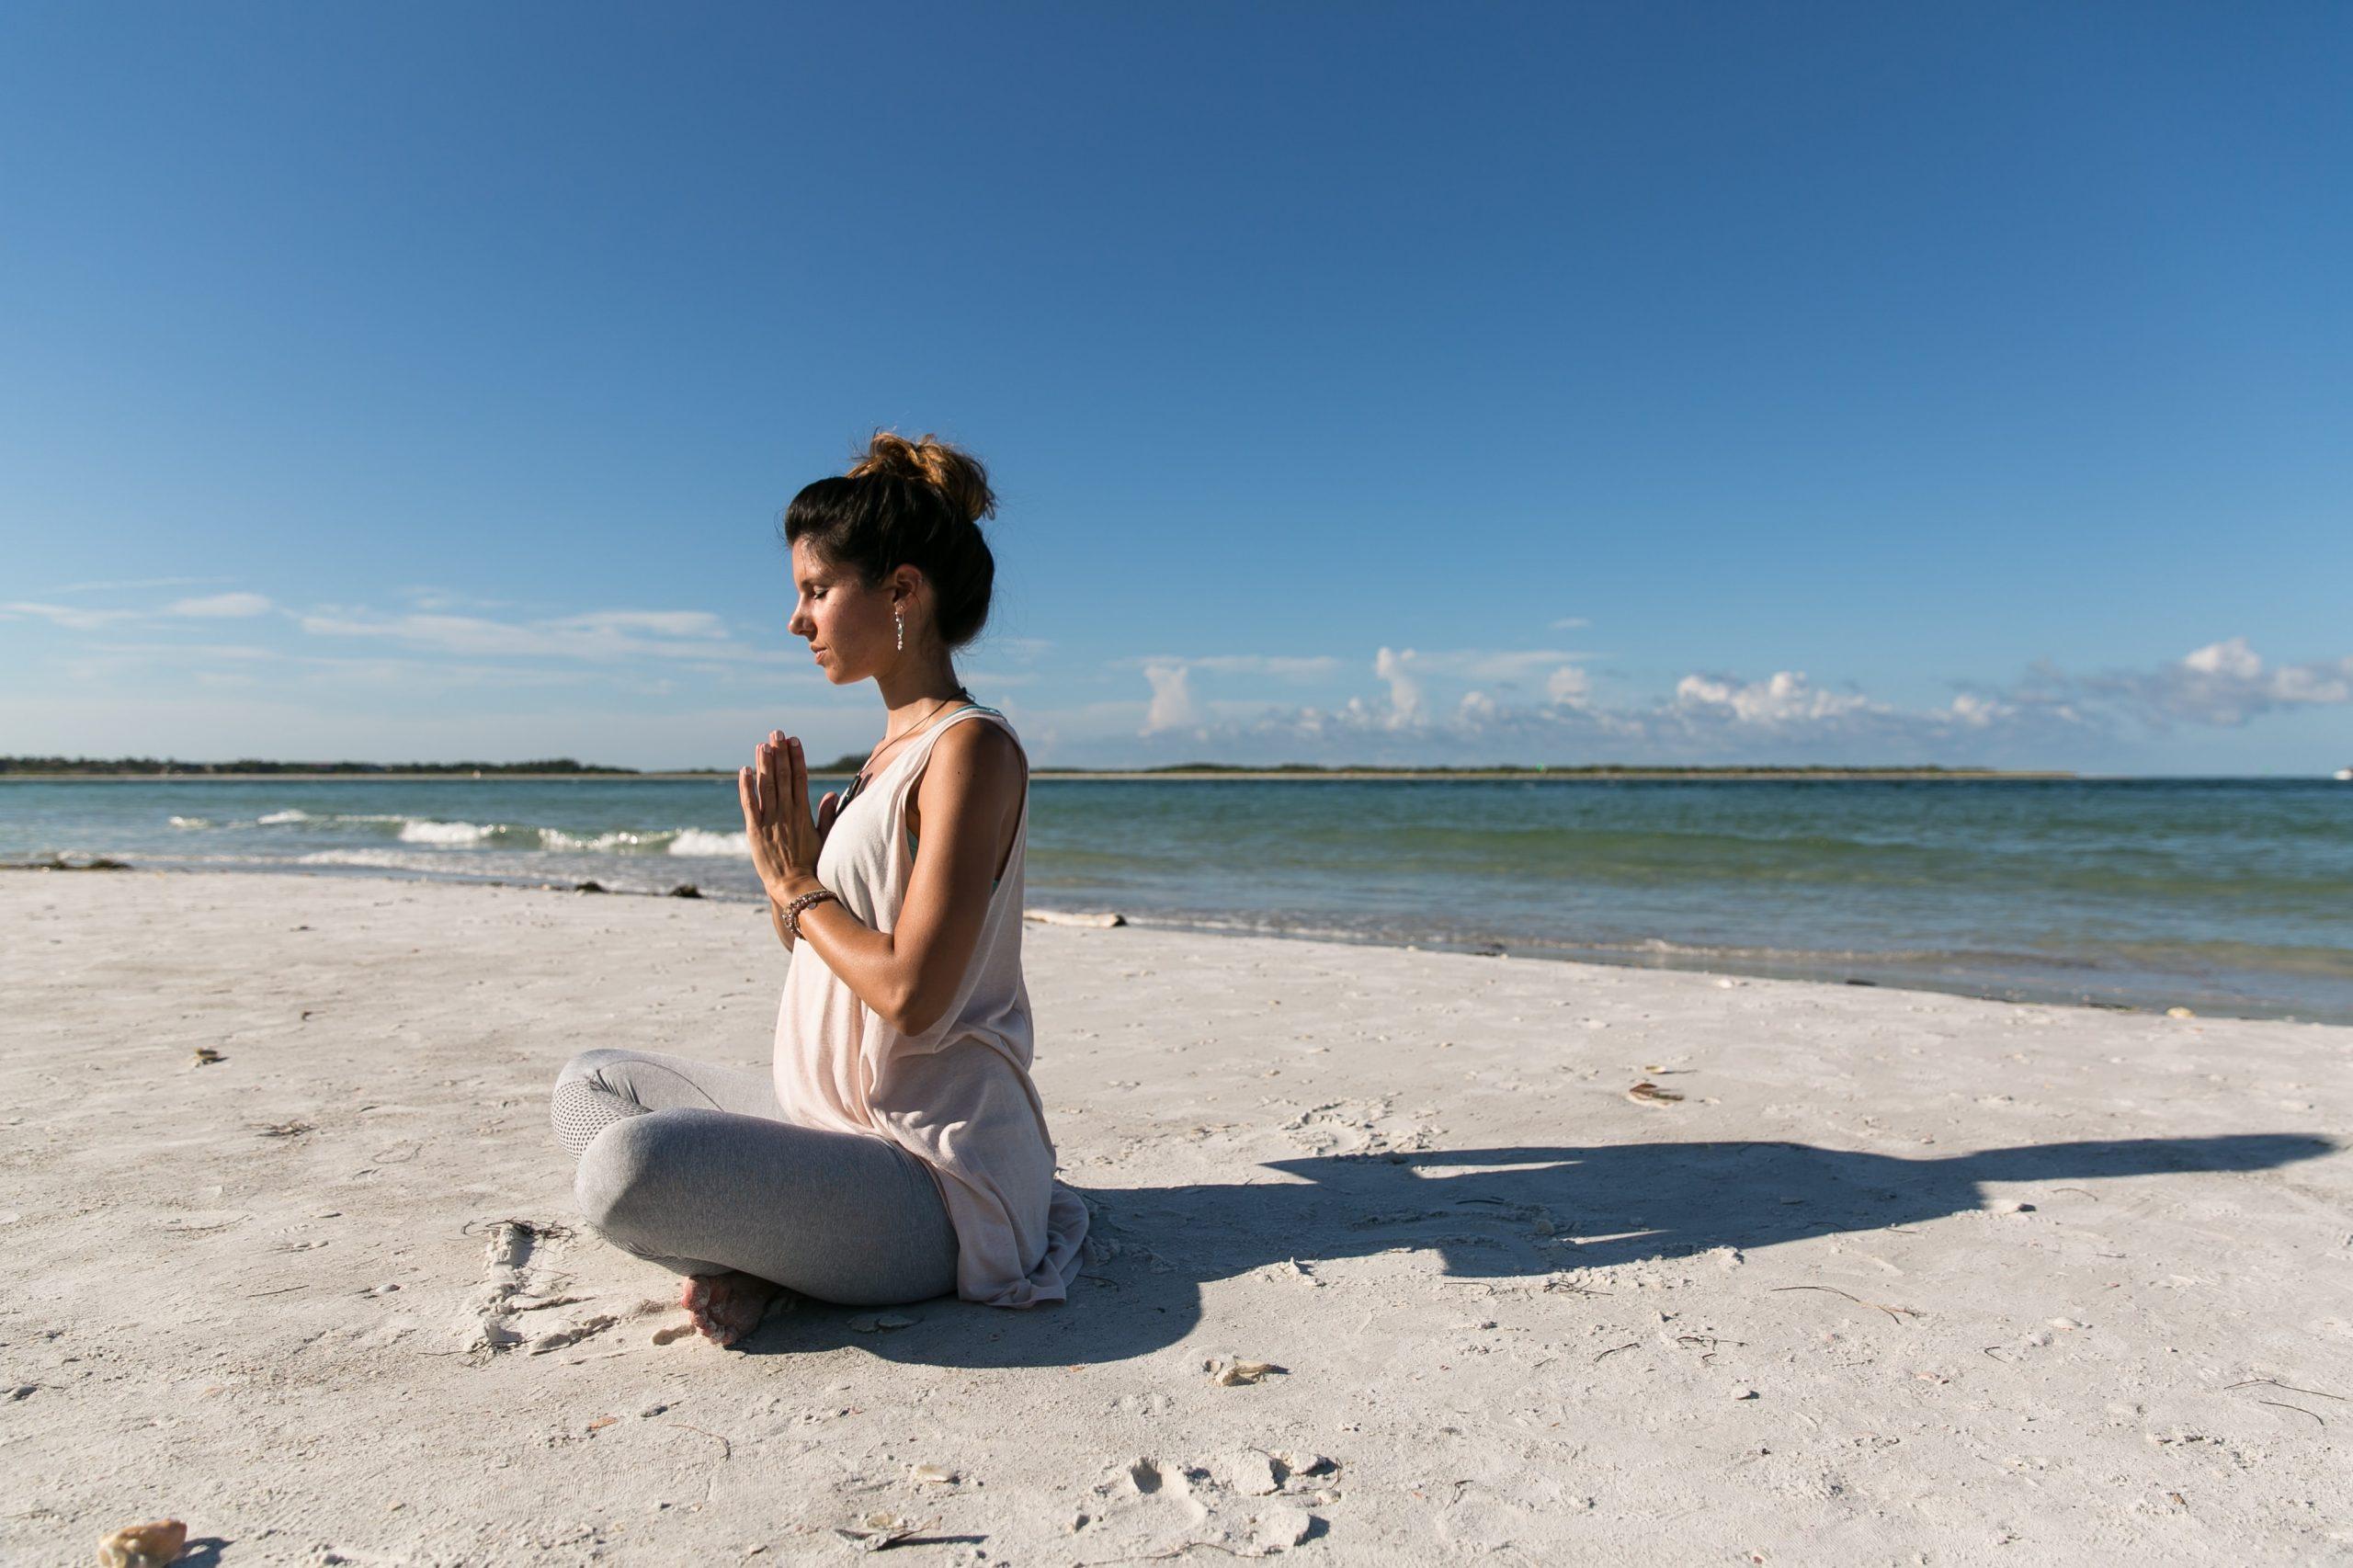 ragazza sulla spiaggia bianca con mani unite davanti al petto in meditazione